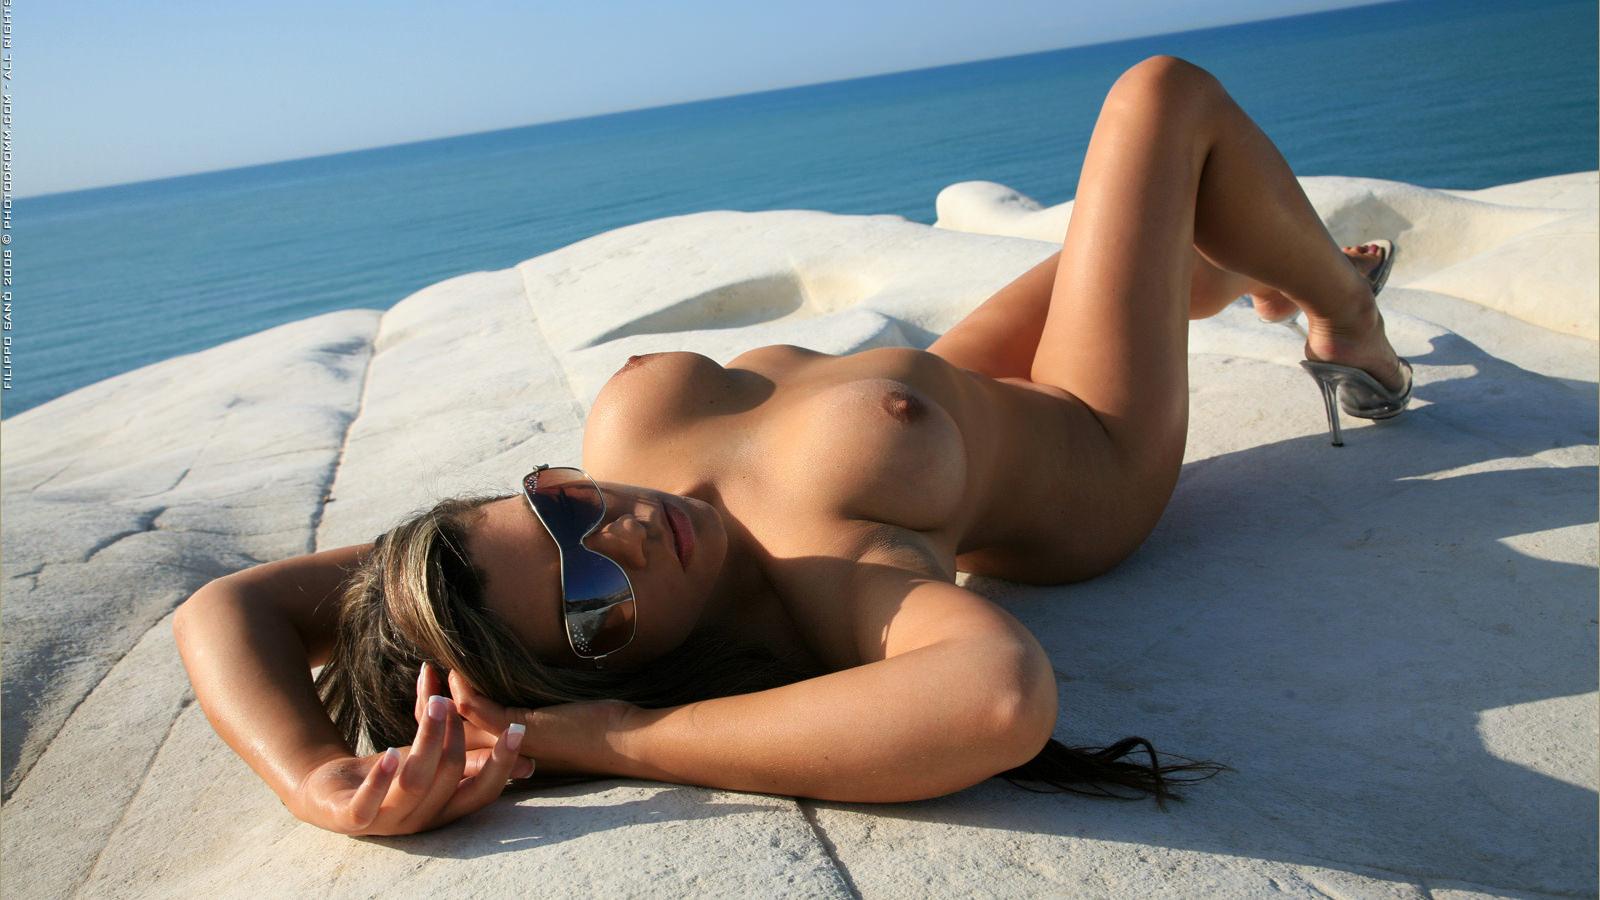 Фото обнаженных девушек на пляже в очках 7 фотография